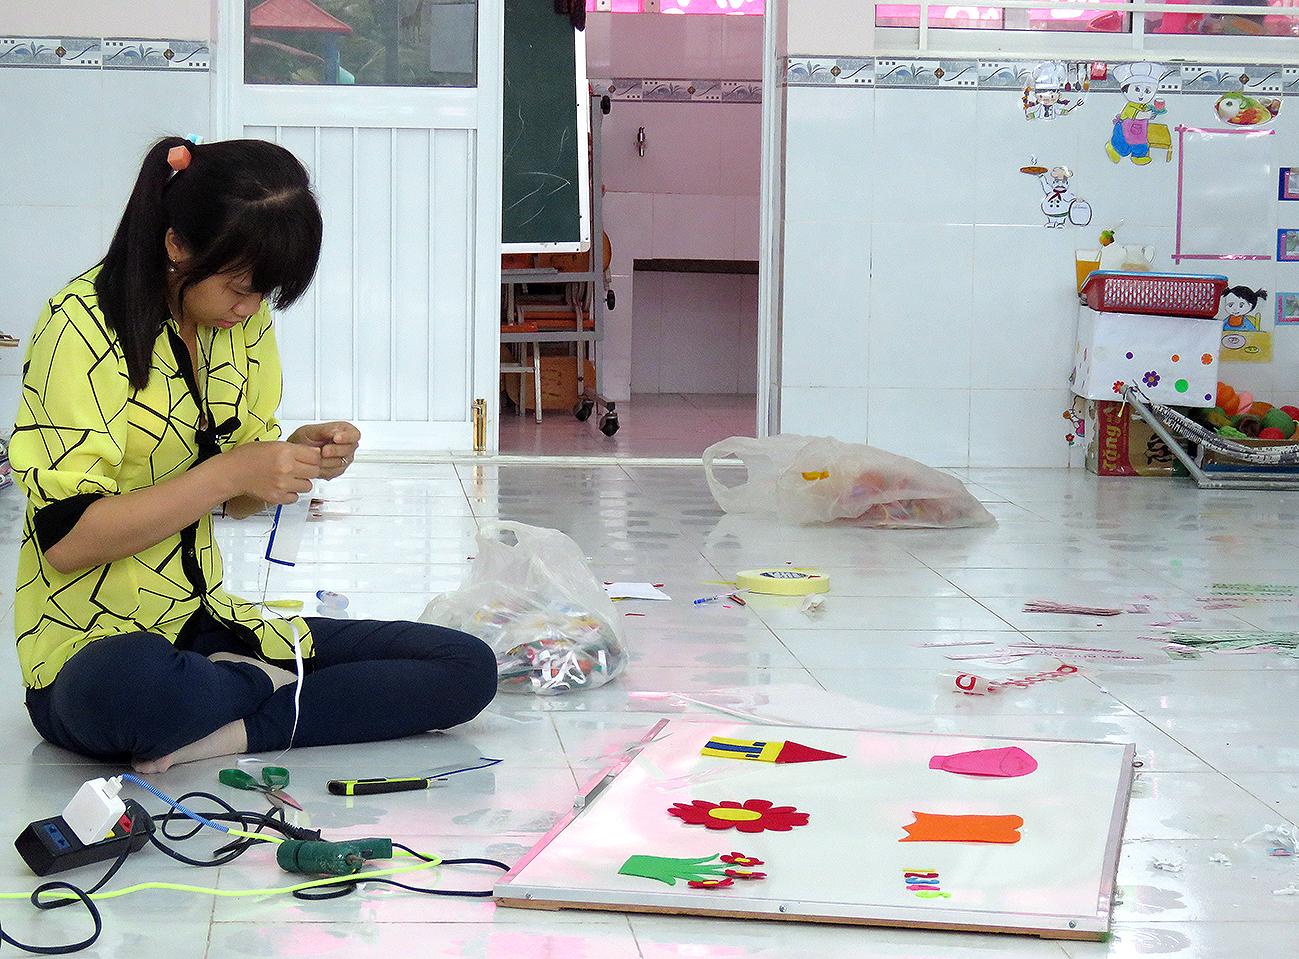 Giáo viên Trường MN Nhơn Nghĩa (huyện Phong Điền) trang trí phòng học, chuẩn bị đón trẻ năm học mới 2017-2018.